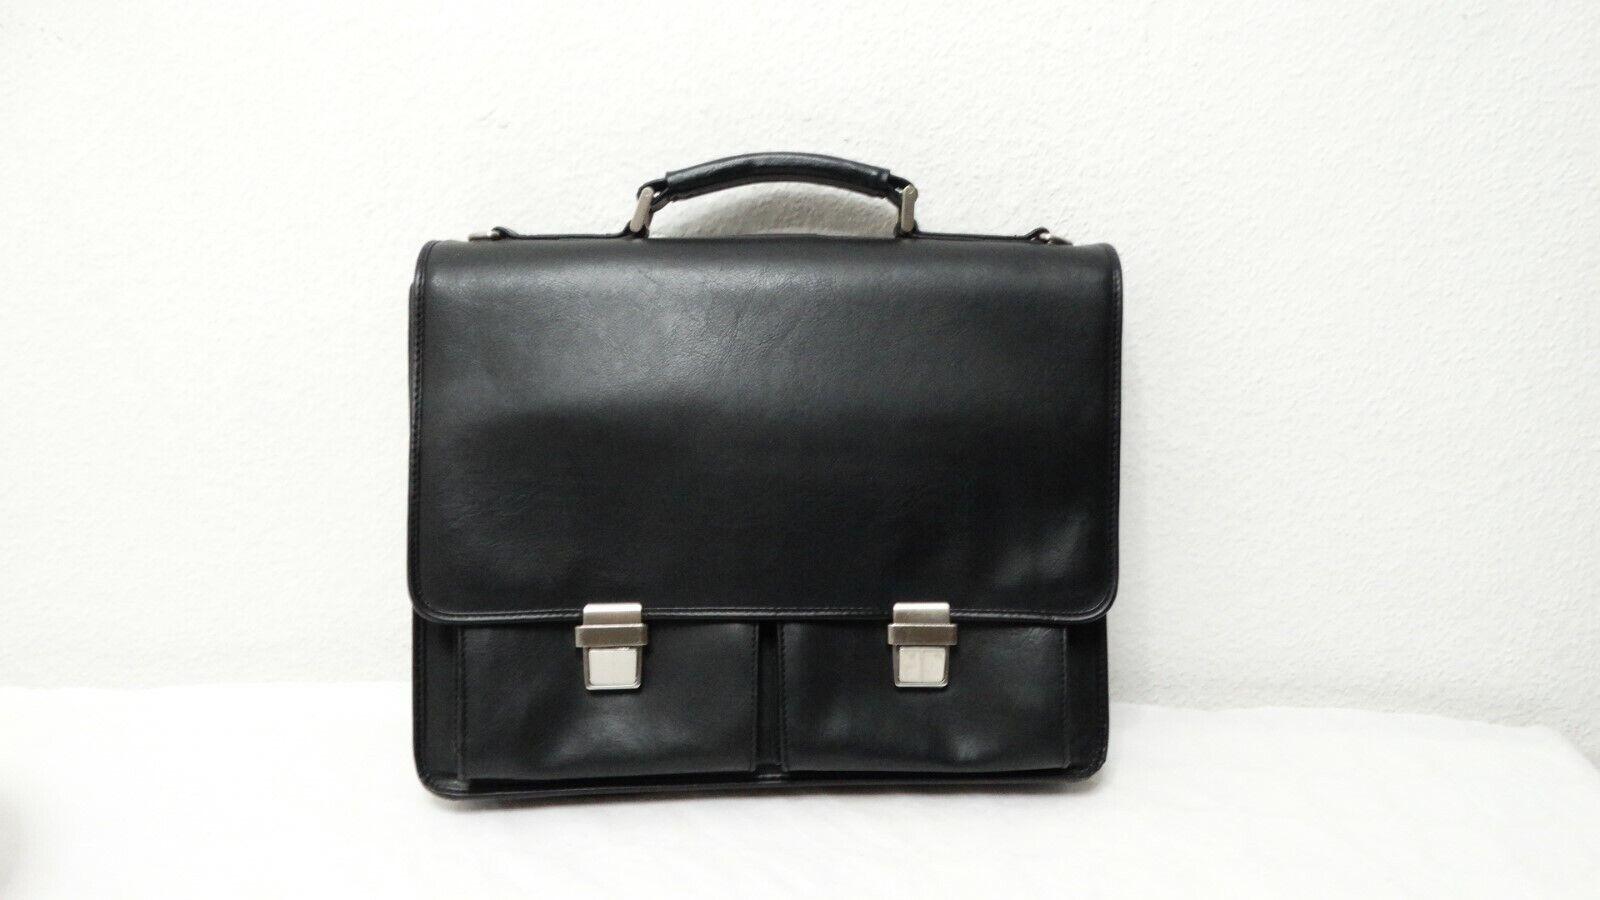 Leonard Heyden Akten Tasche Taschen  Schwarz Kunstleder  Leder |  Neuer Markt  | Fuxin  | Elegant